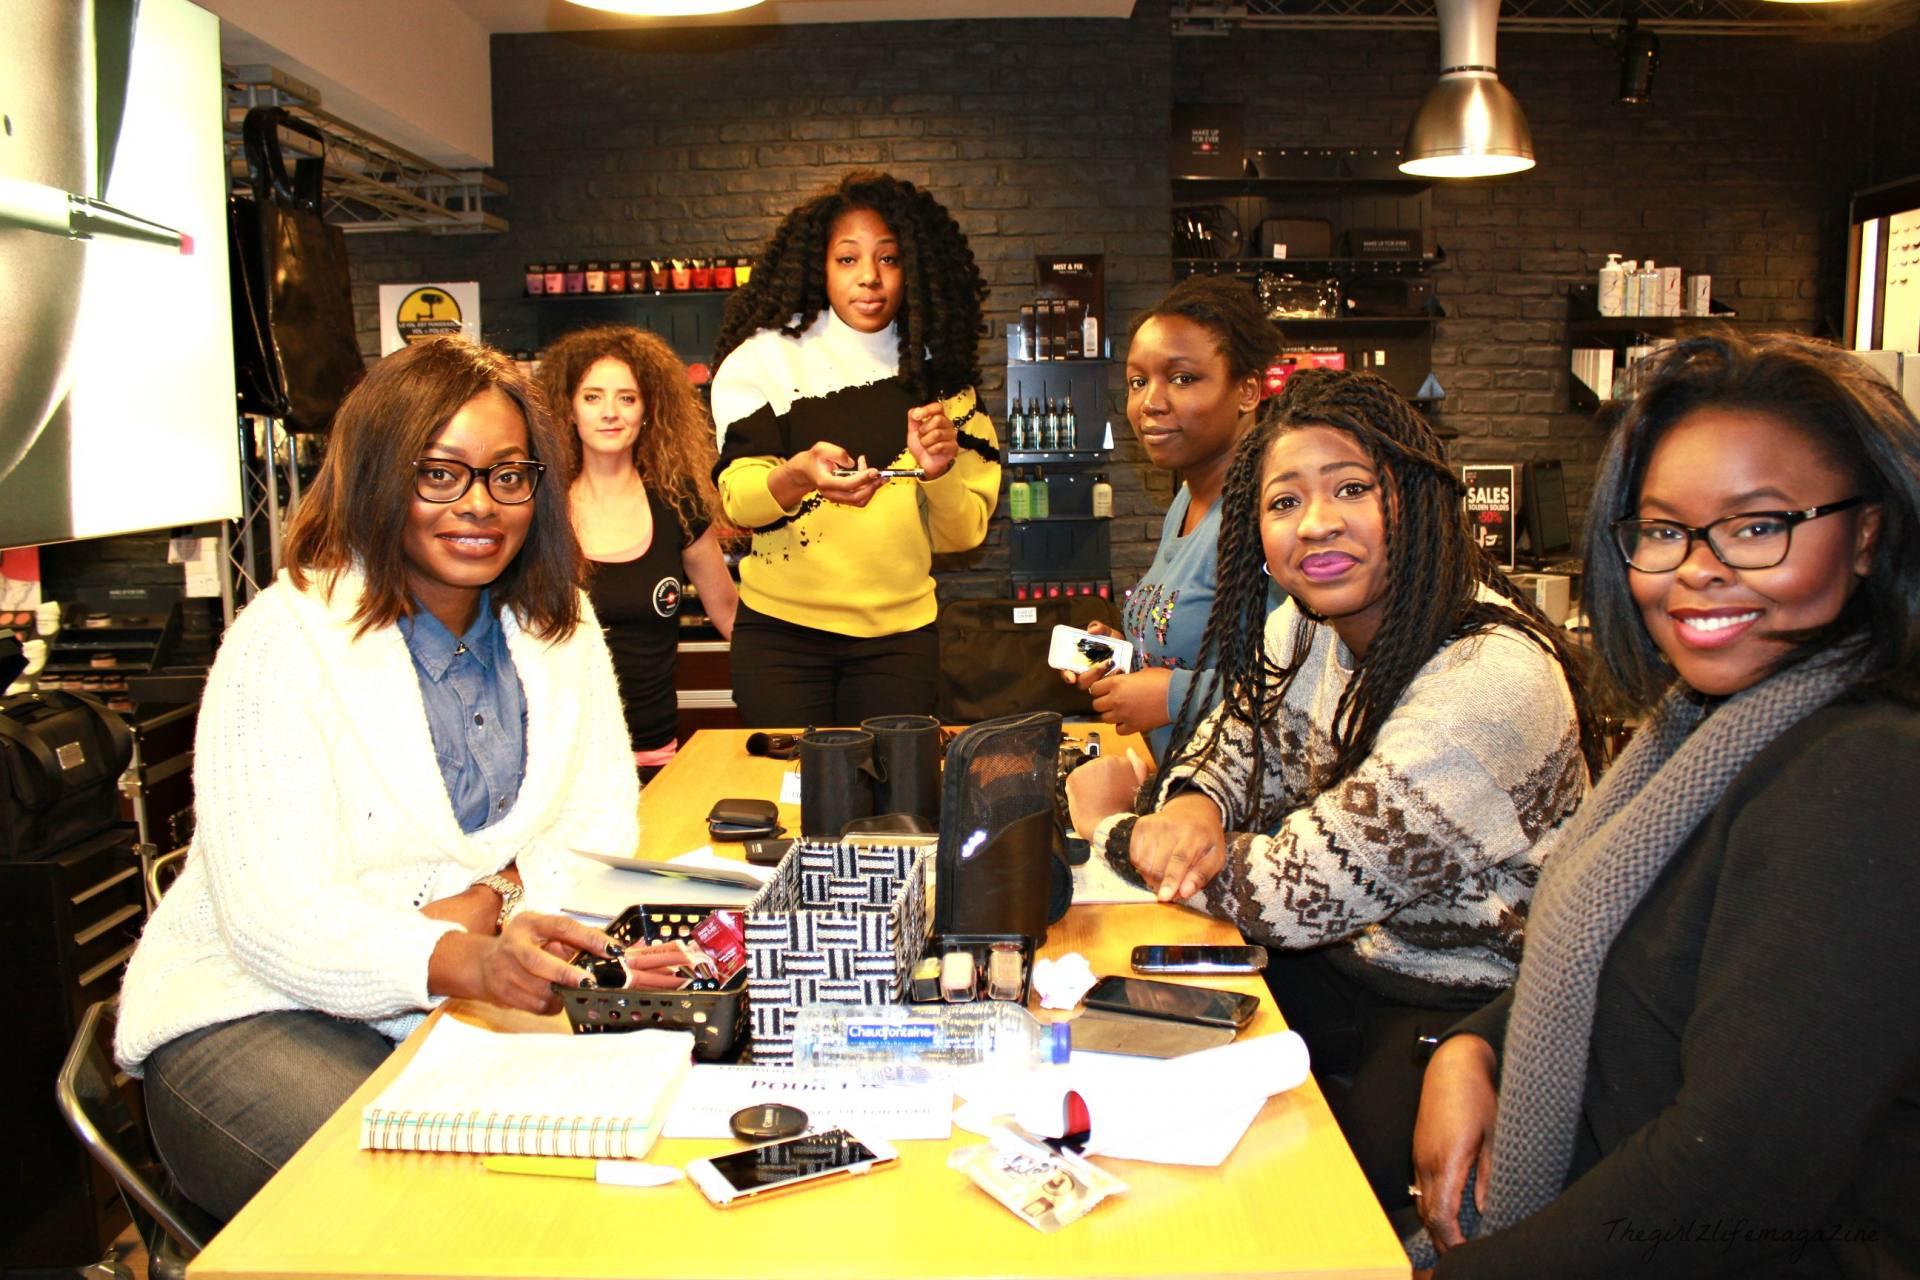 Consciente de ce manque de diversité en matière de formations de maquillage, Dany Sanz, Fondatrice et Directrice Artistique de MAKE UP FOR EVER lance en 2014 la formation Black Beauty, d'abord à Paris en collaboration avec Fatou du blog Blackbeautybag, puis dans de nombreuses autres villes du monde dont notre jolie capitale Bruxelloise.